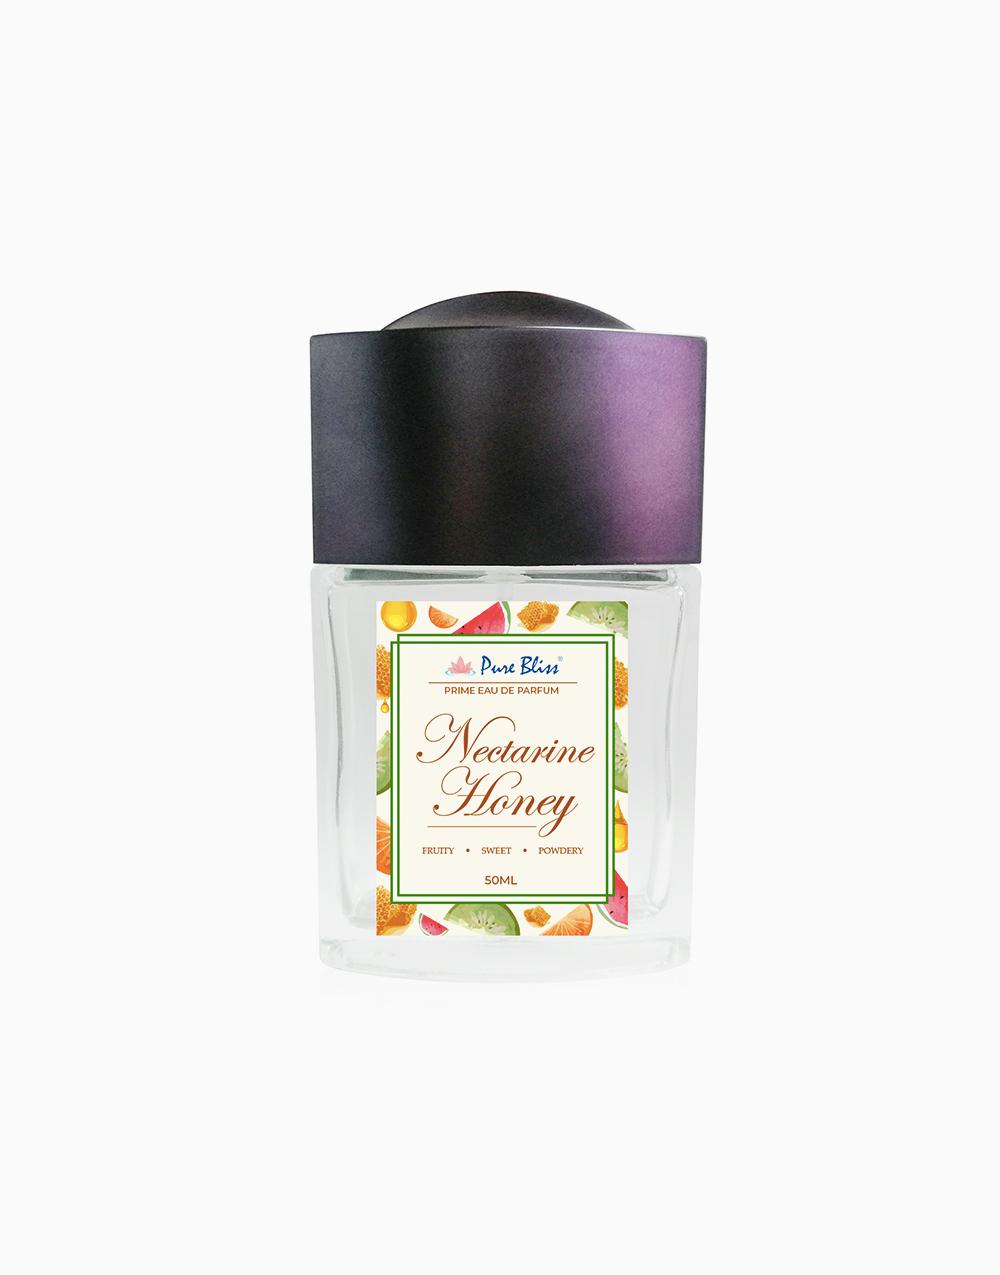 Nectarine Honey Prime Eau de Parfum (50ml) by Pure Bliss